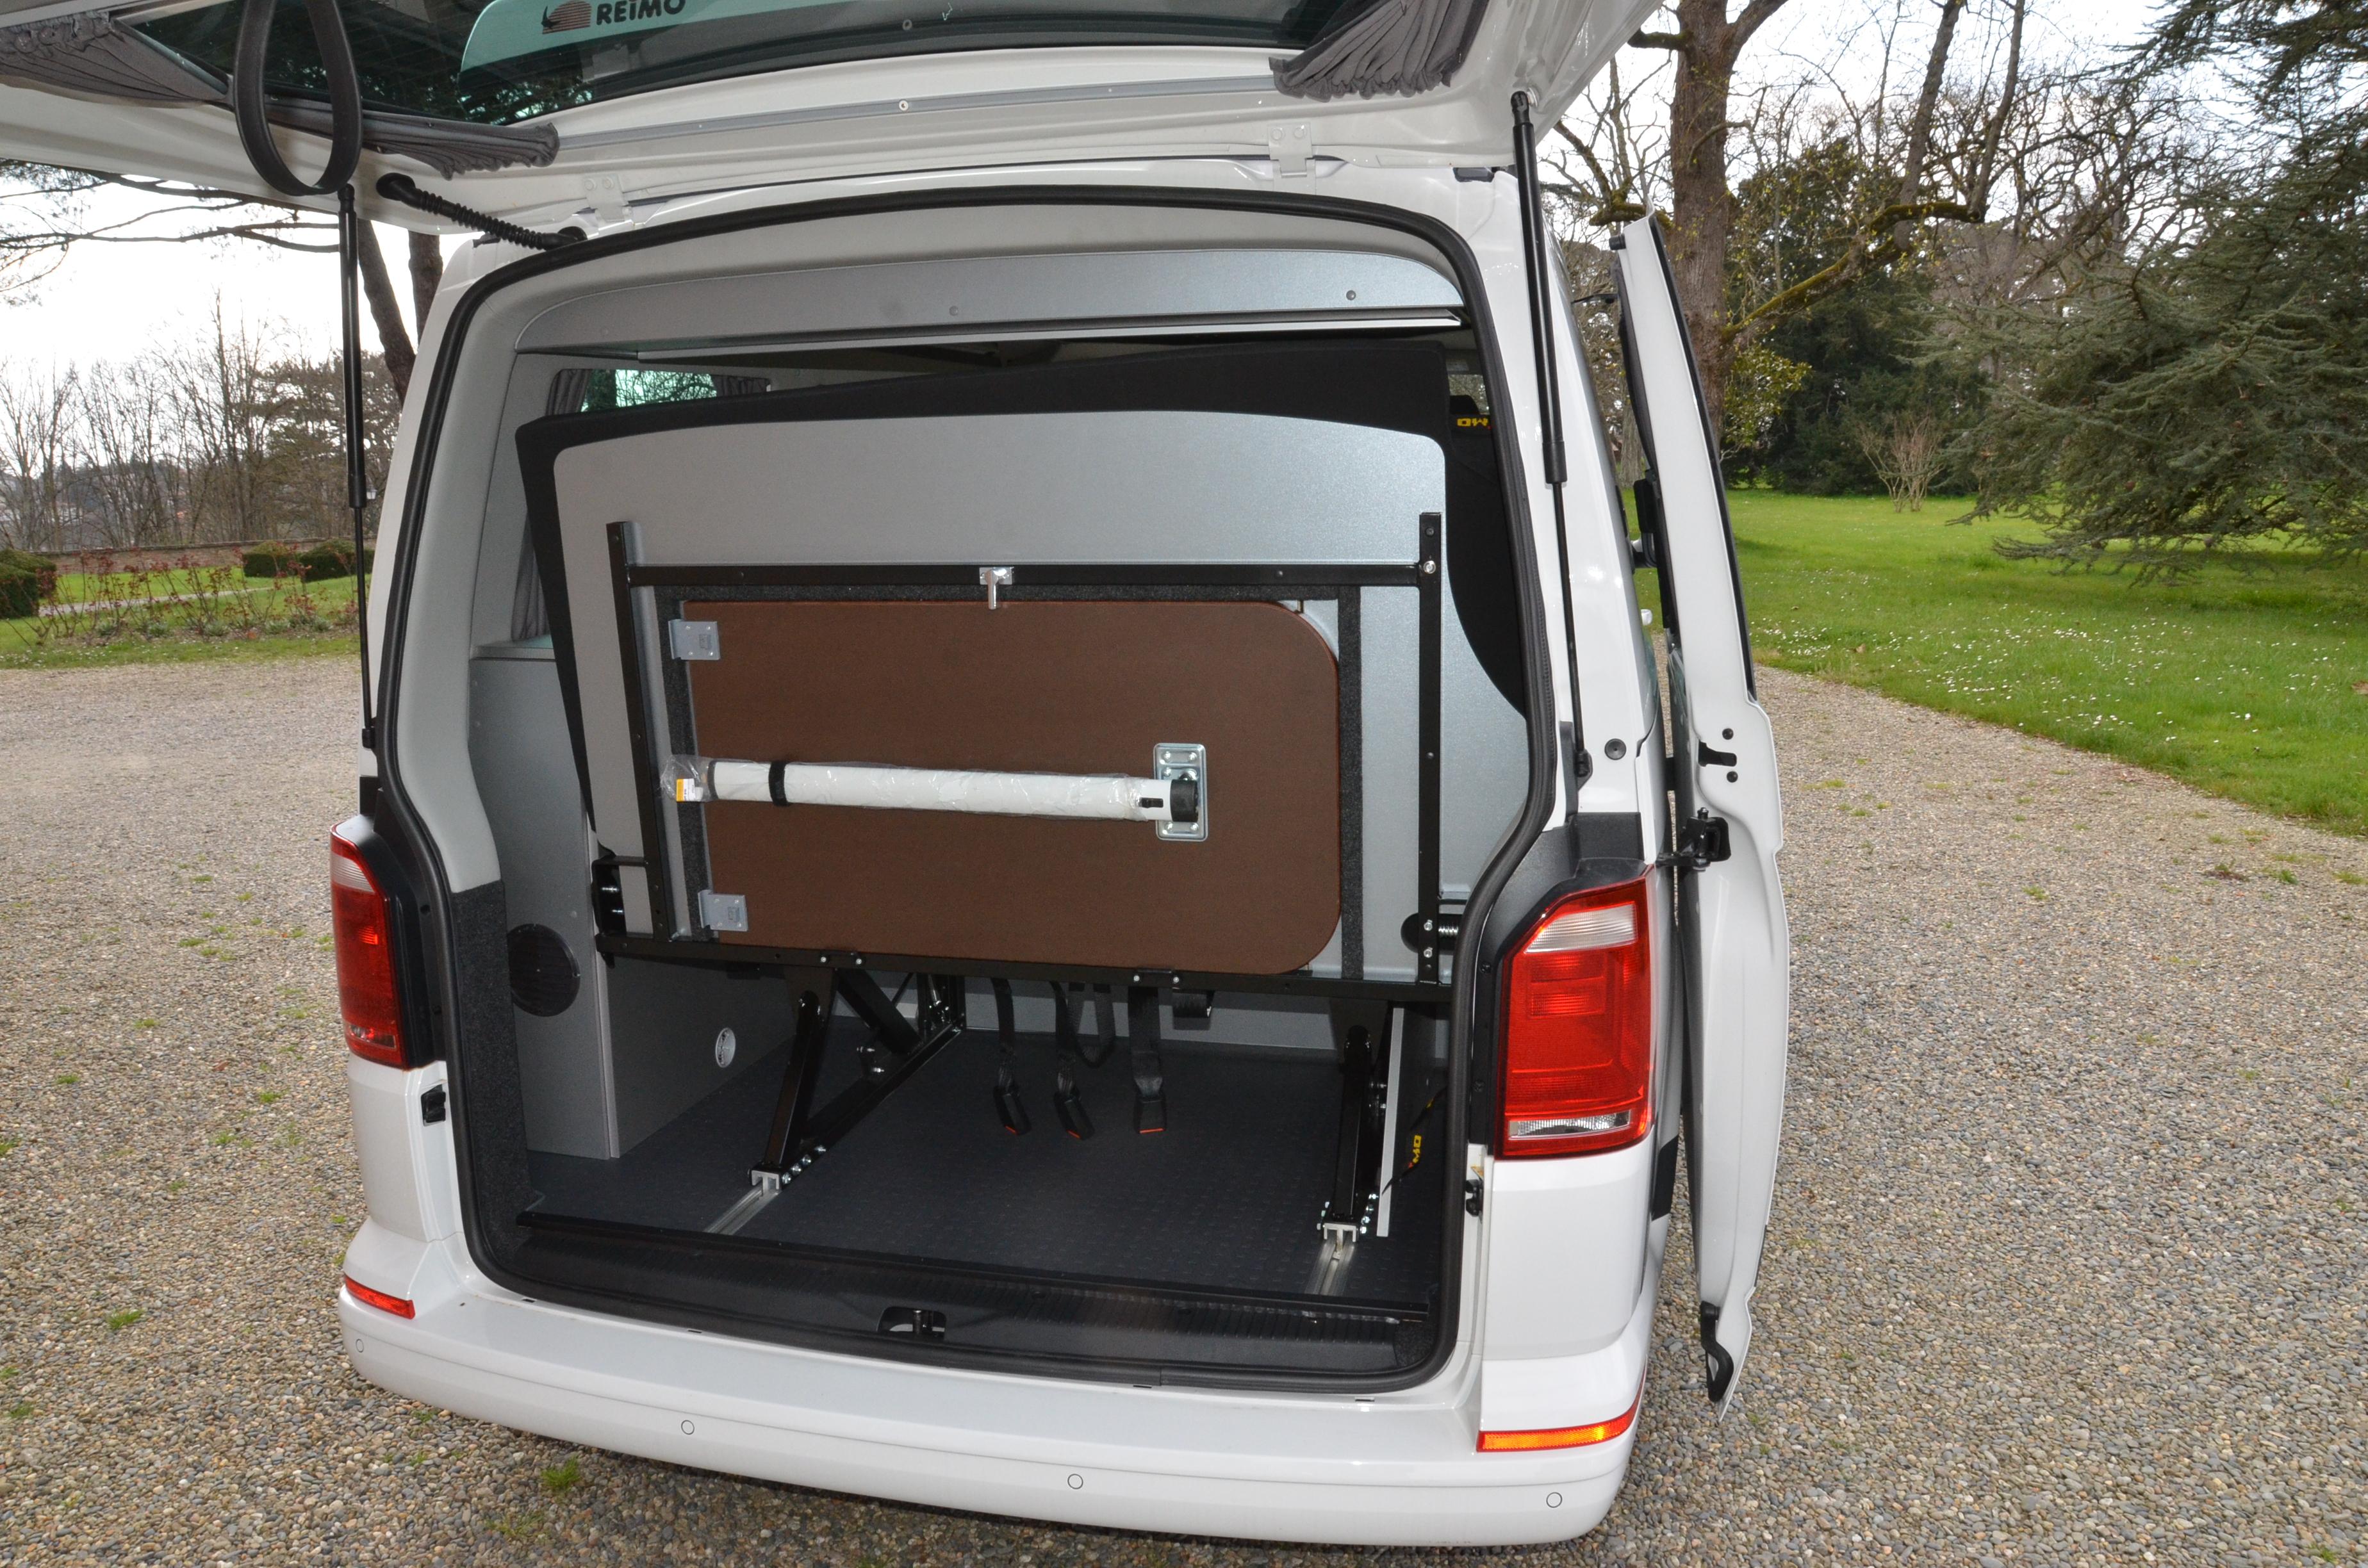 Vue de l'arrière du VW T6 avec aménagement Cityvan, hayon ouvert et banquette 3 places reculée au maximum